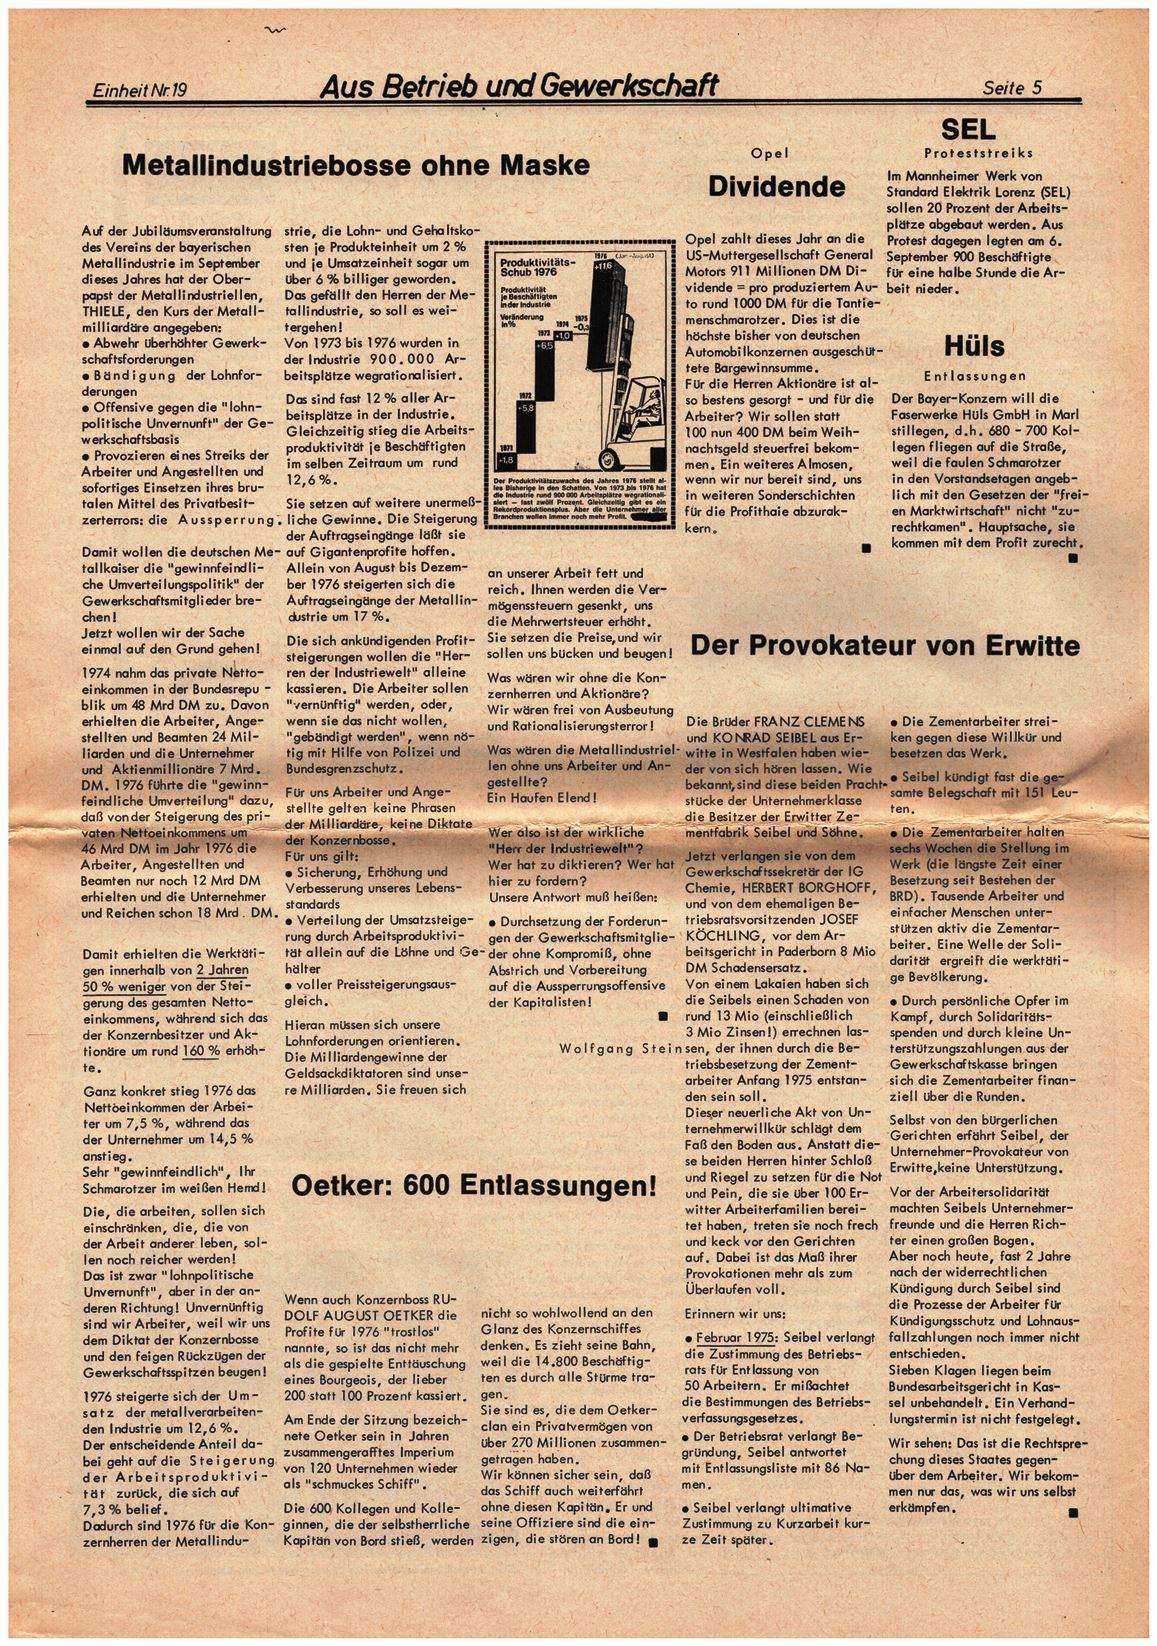 Koeln_IPdA_Einheit_1977_019_005